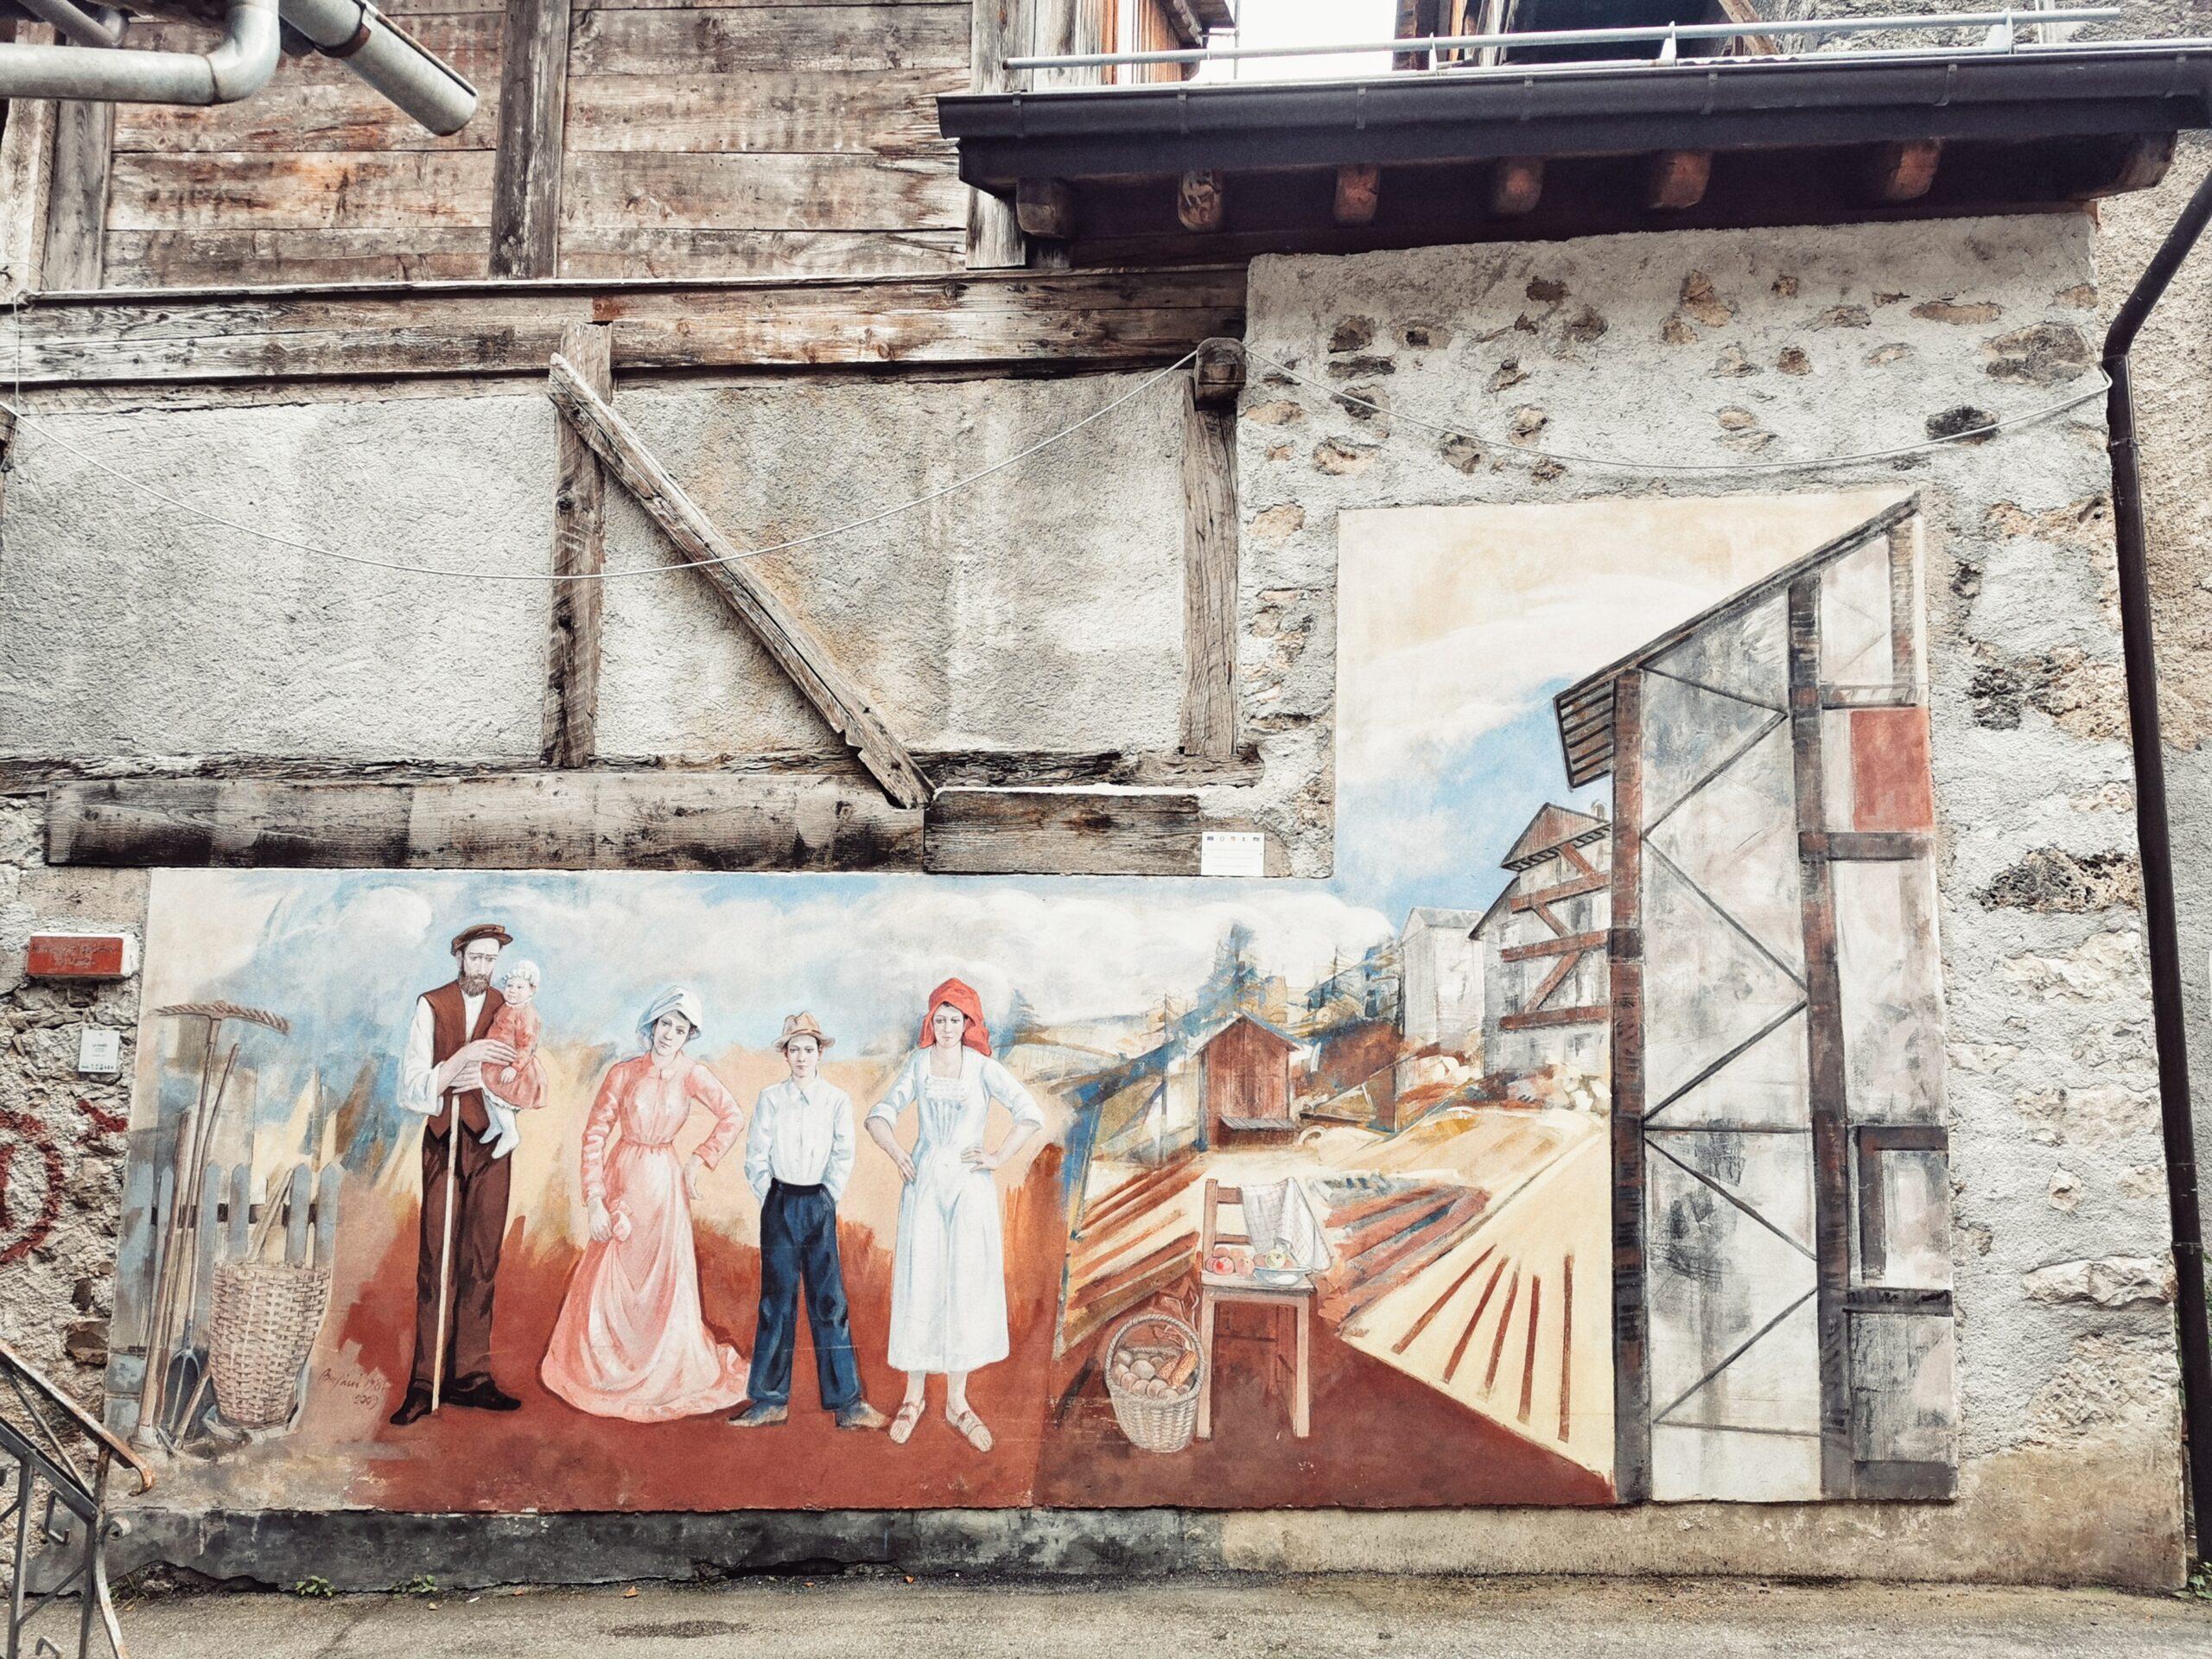 cibiana di cadore murales